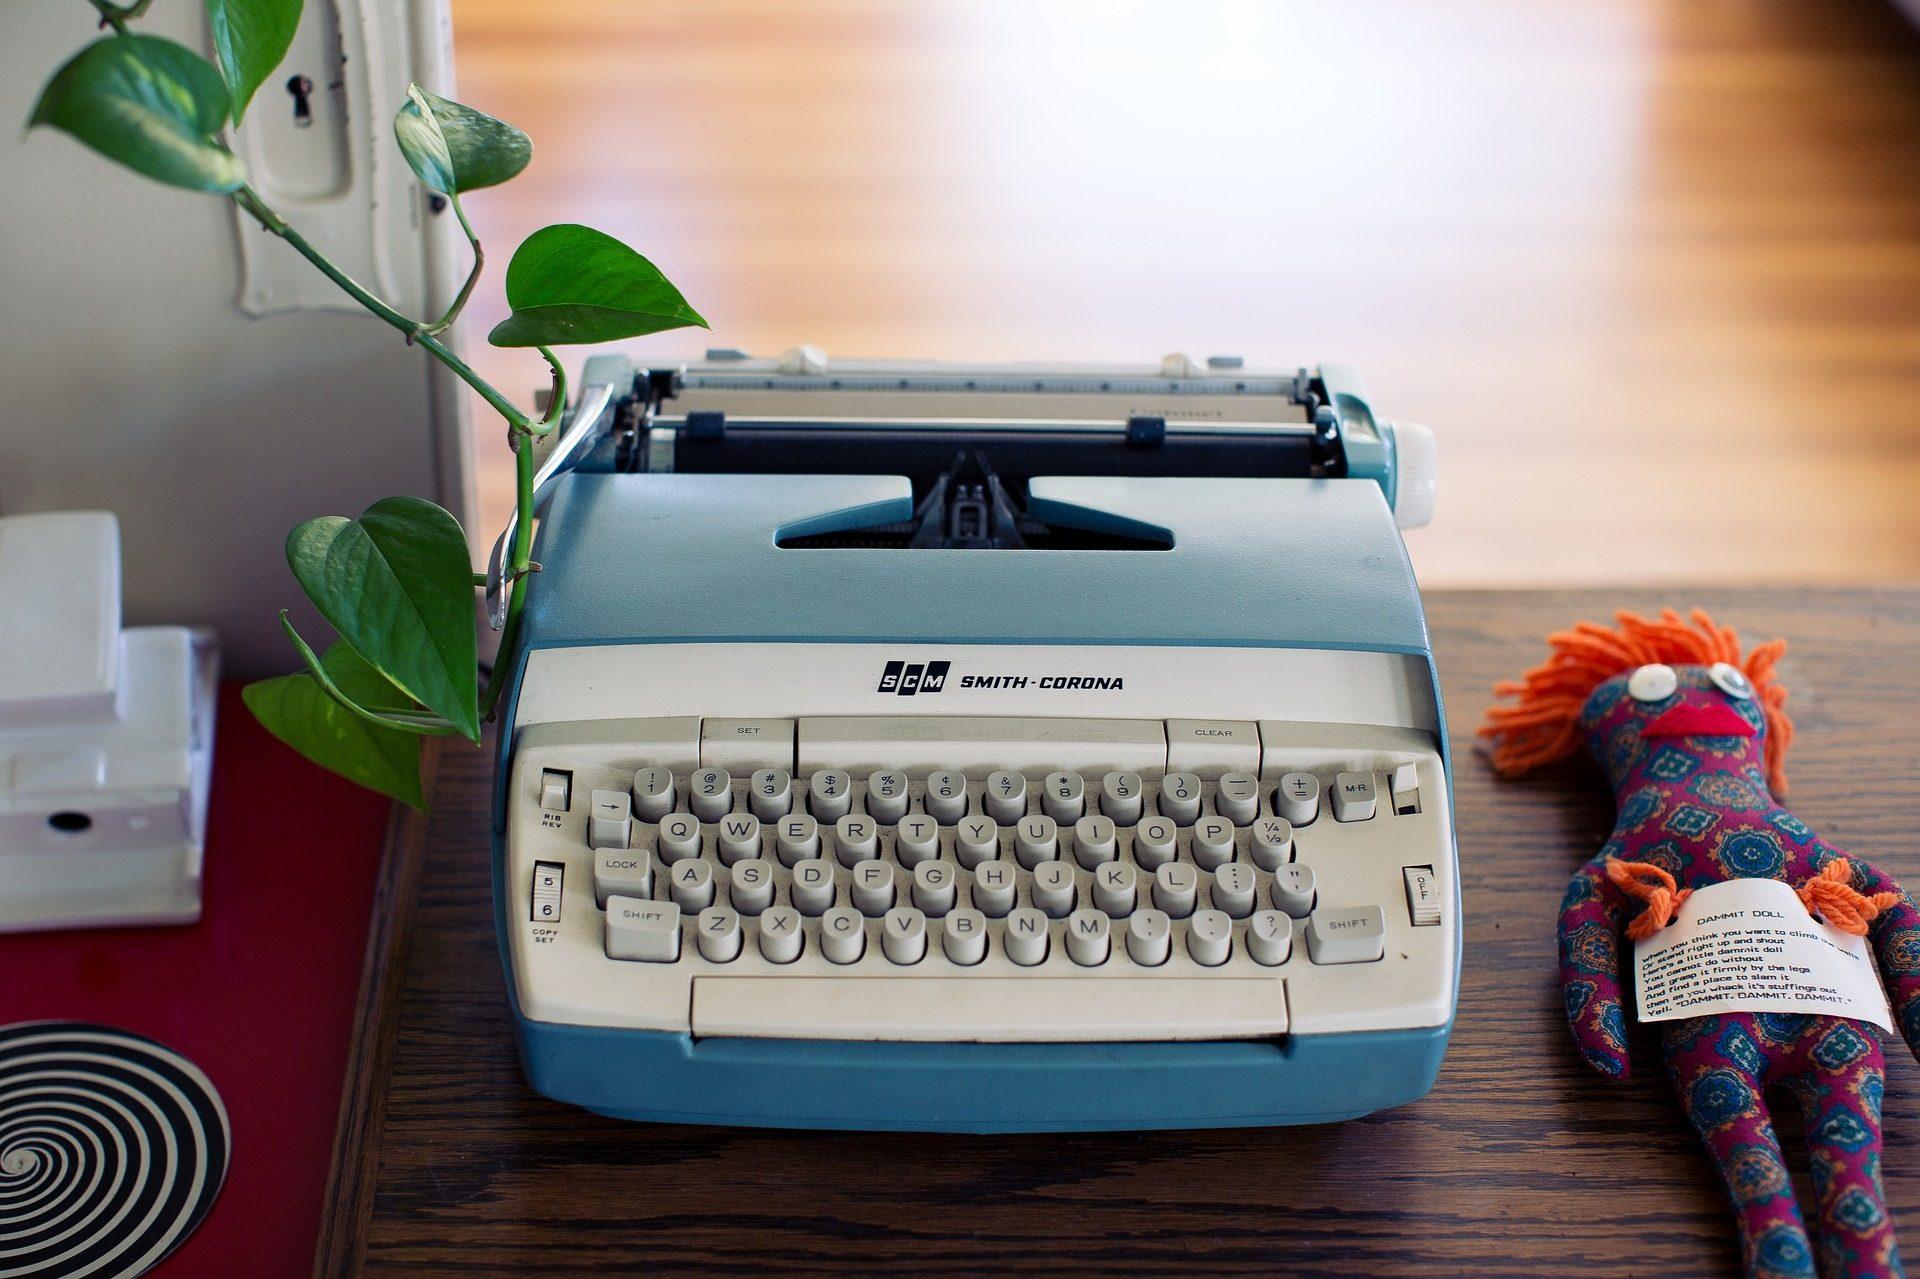 máquina de escribir, teclas, antigua, vintage, muñeca, planta - Fondos de Pantalla HD - professor-falken.com